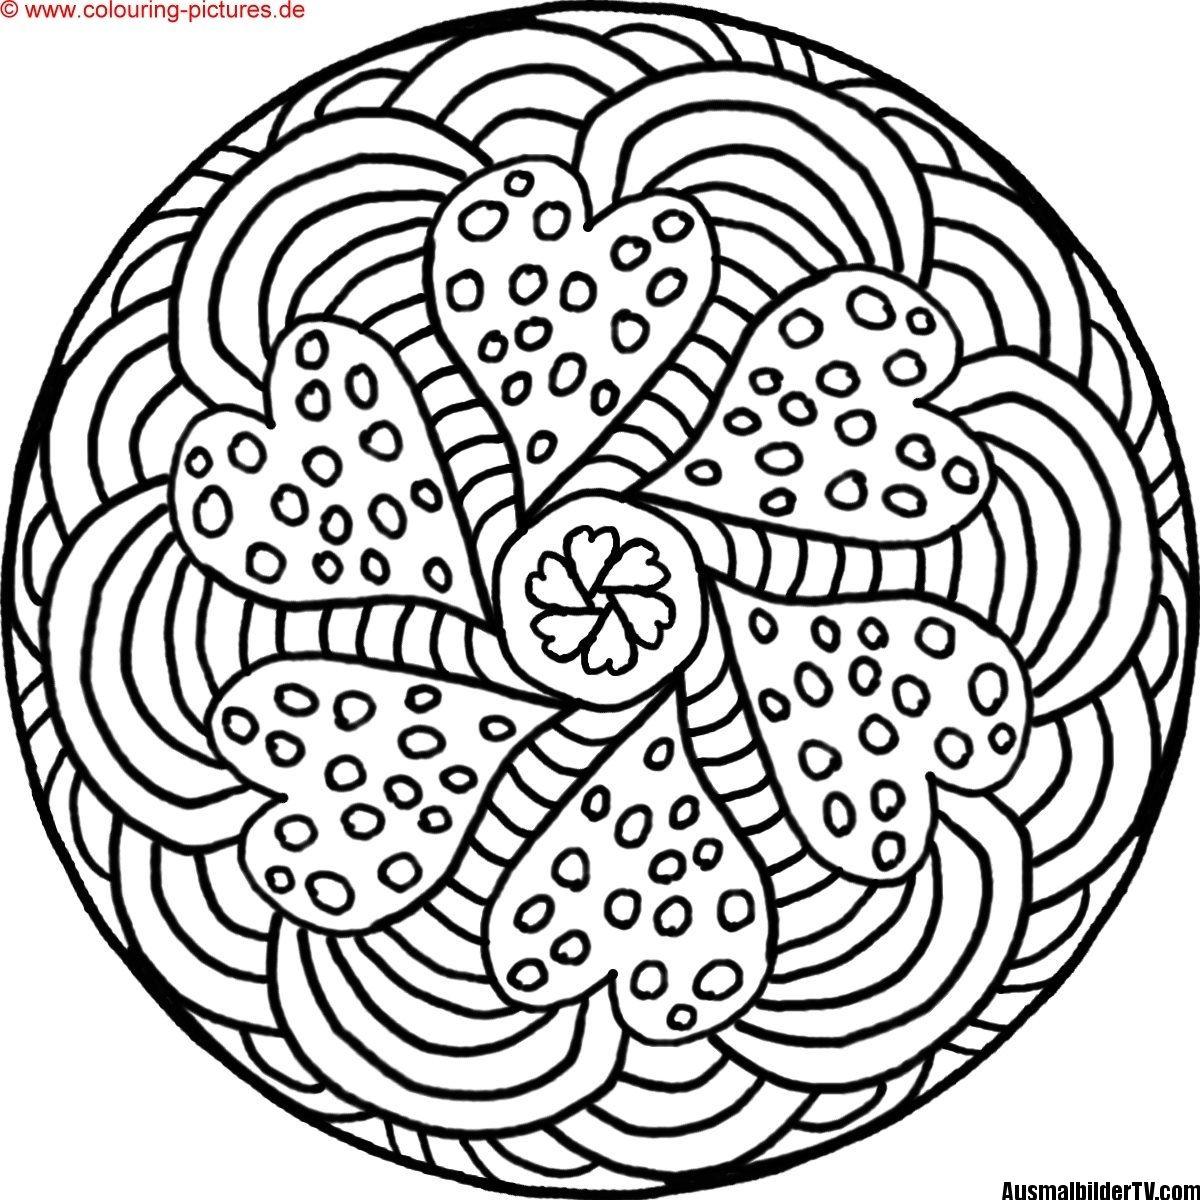 mandalas zum ausdrucken | Malvorlagen | Pinterest